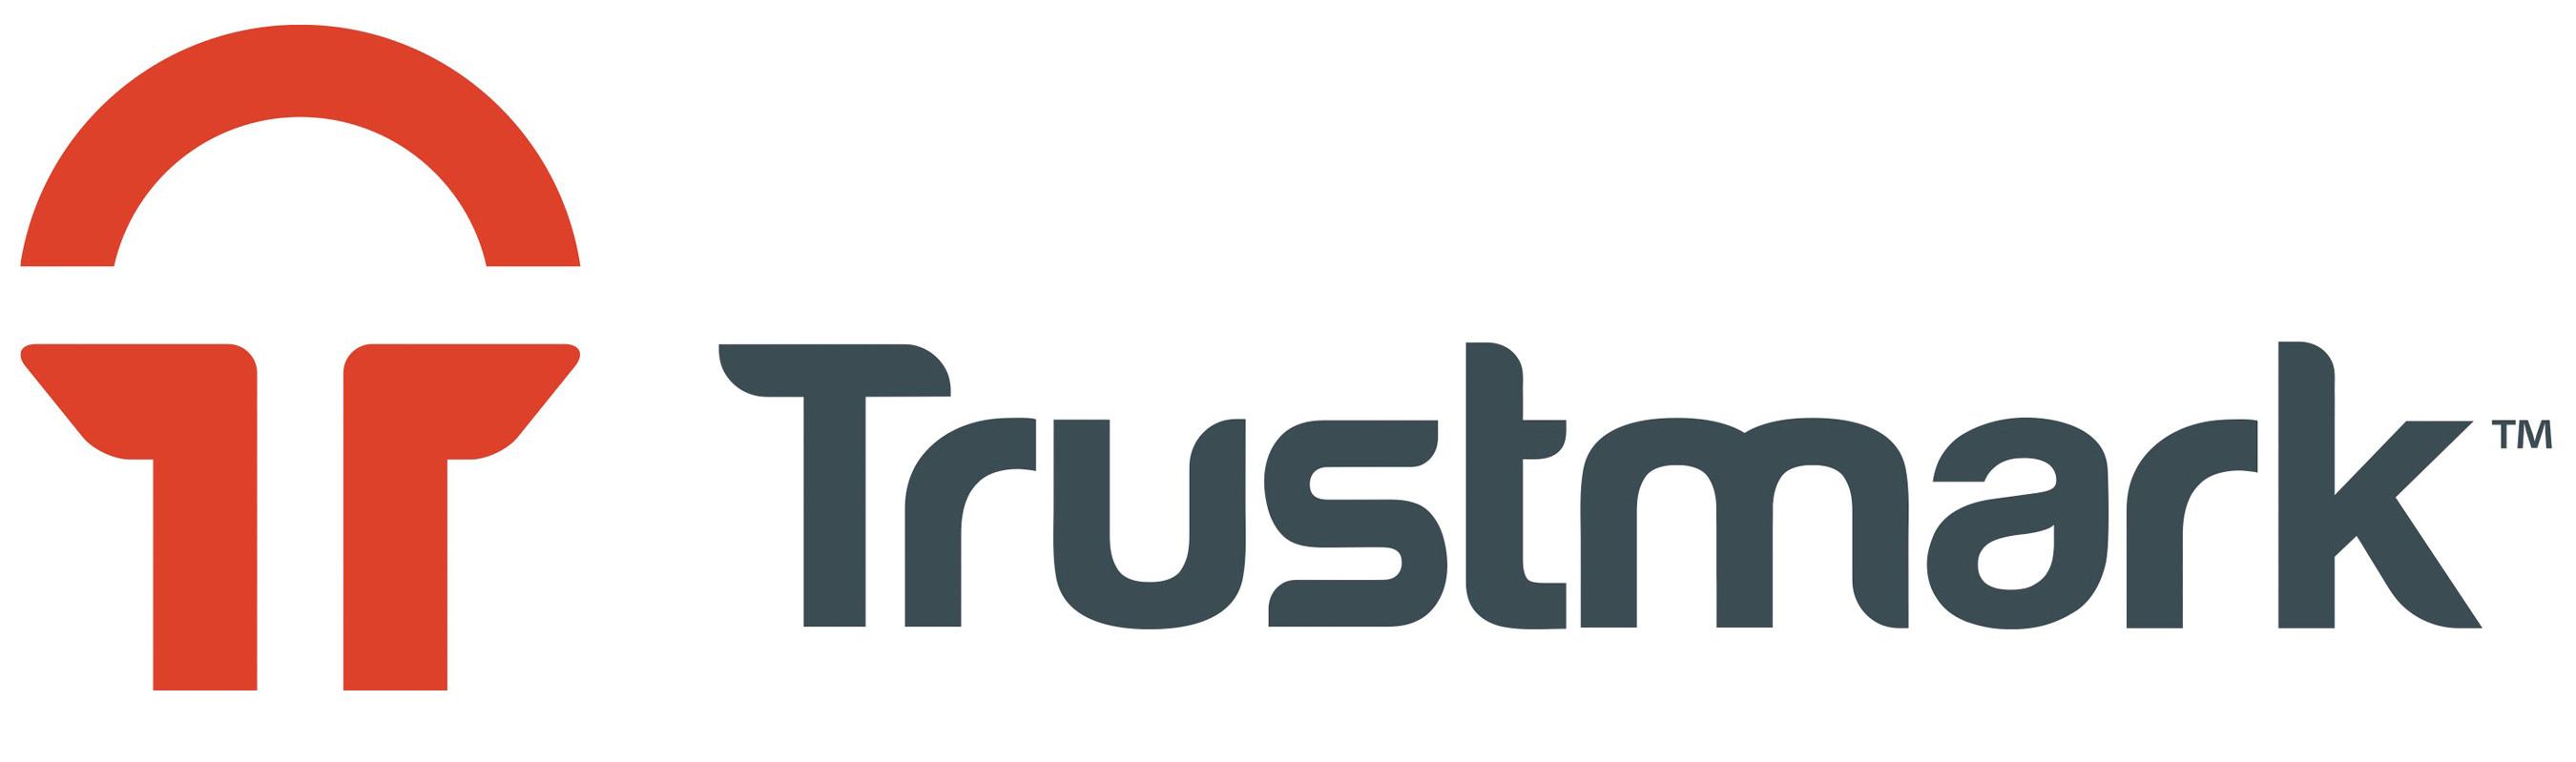 Trustmark Warranty